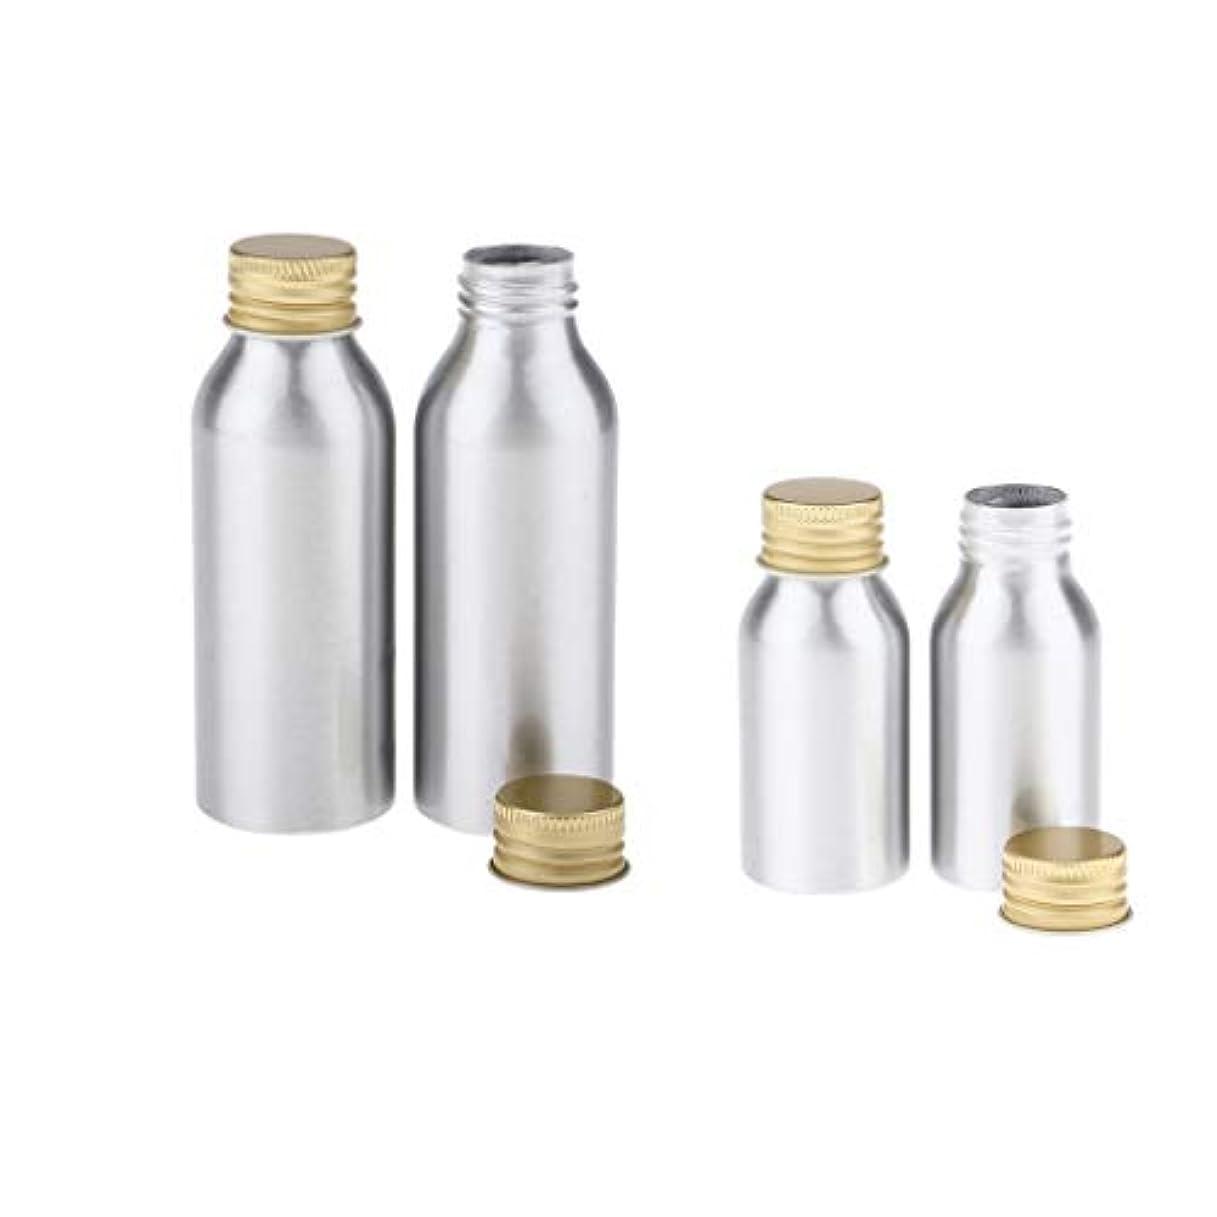 ホステス代数的バウンドT TOOYFUL 化粧品容器 ボトル ローションボトル 漏れ防止 詰め替え式 クリームジャー 全2選択 - 40+100ミリリットル